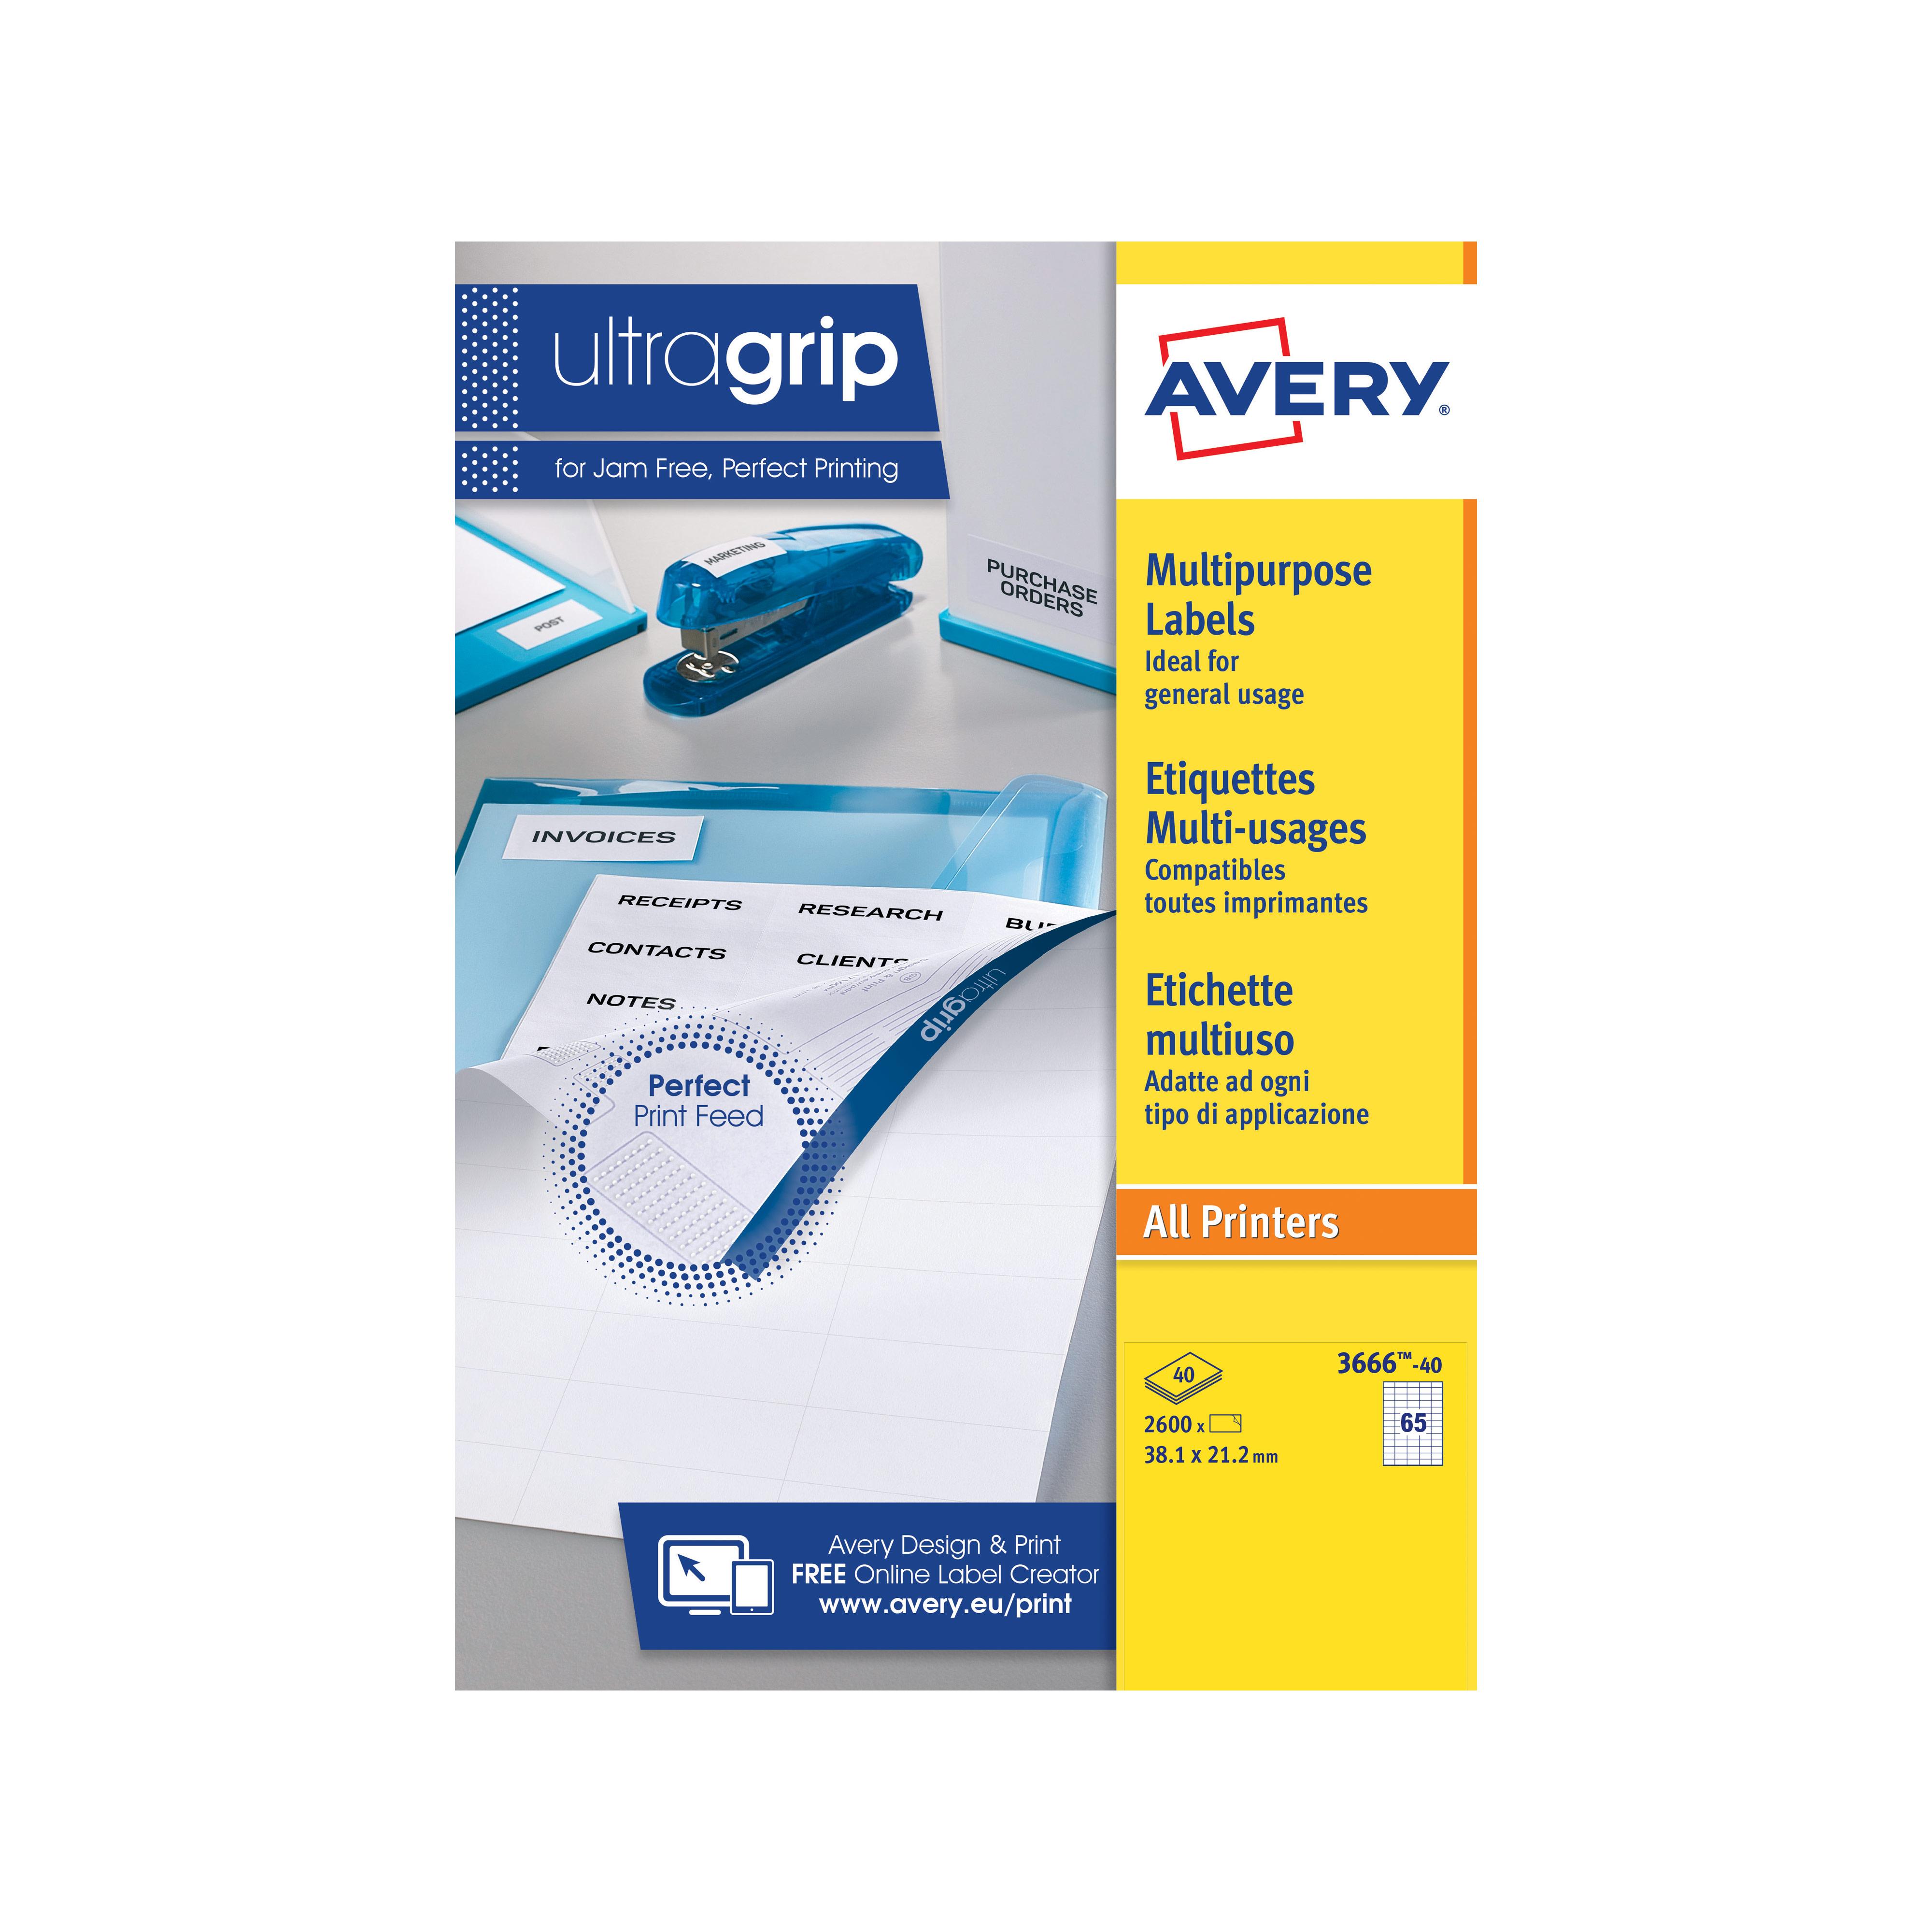 Filing / Media / Retail Avery Multipurpose Labels 38x21.2mm 3666-40 65 p/sht PK2600